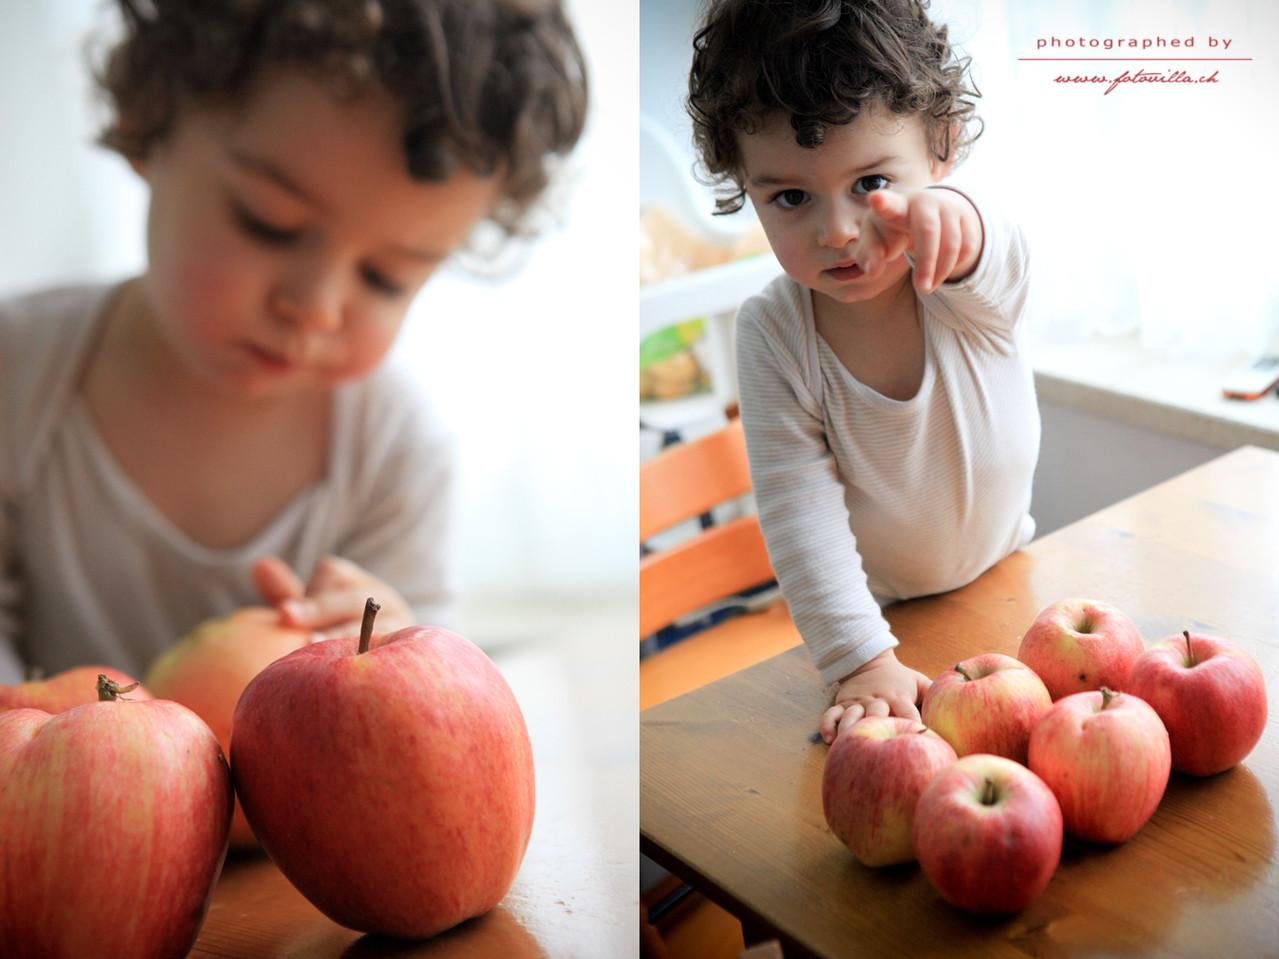 Ein paar Äpfel und nun kann es los gehen - bist du dabei?